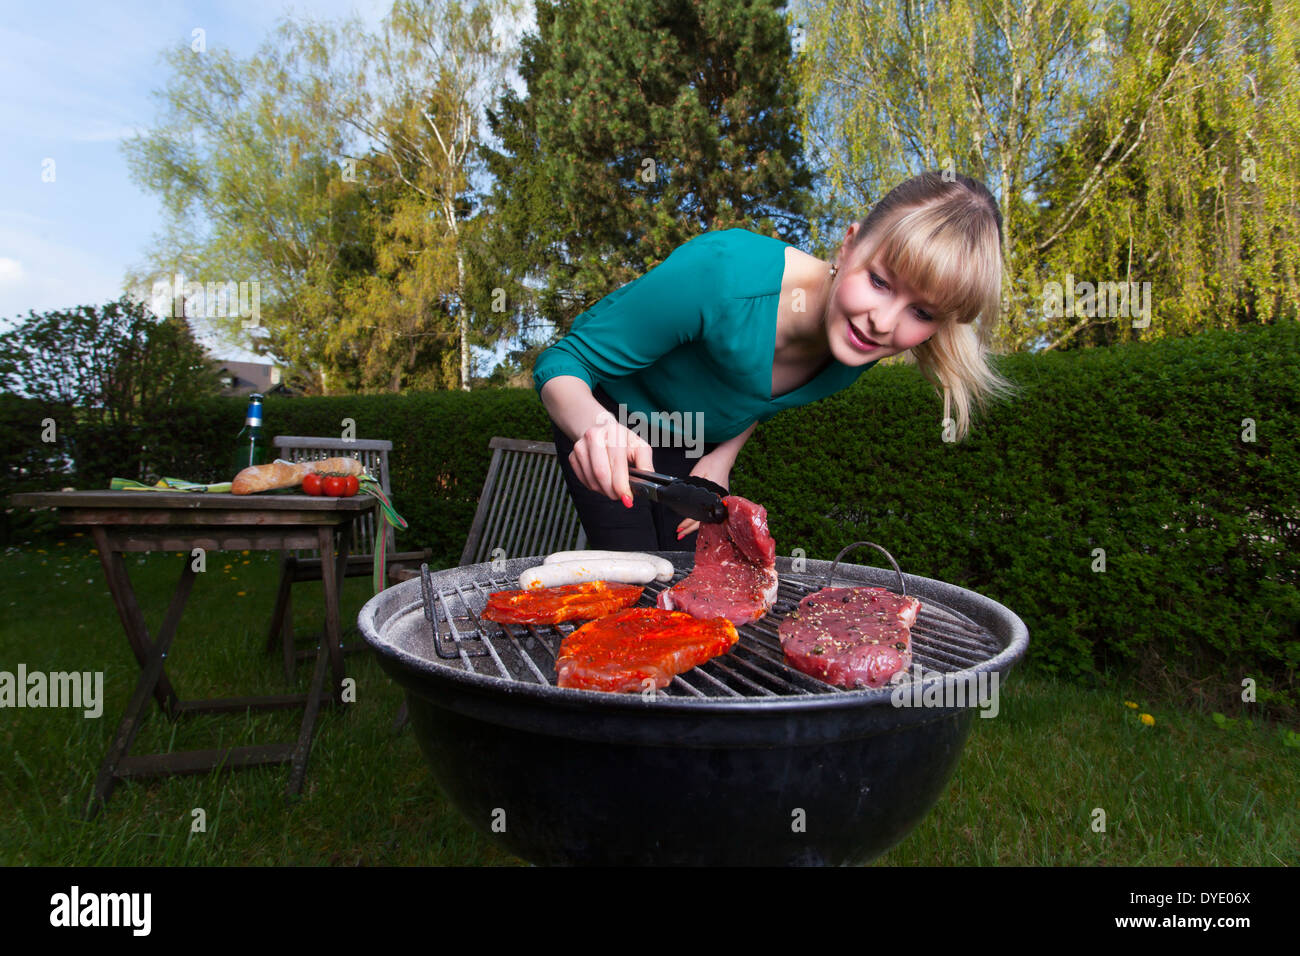 Frau und ein Grill Stockbild